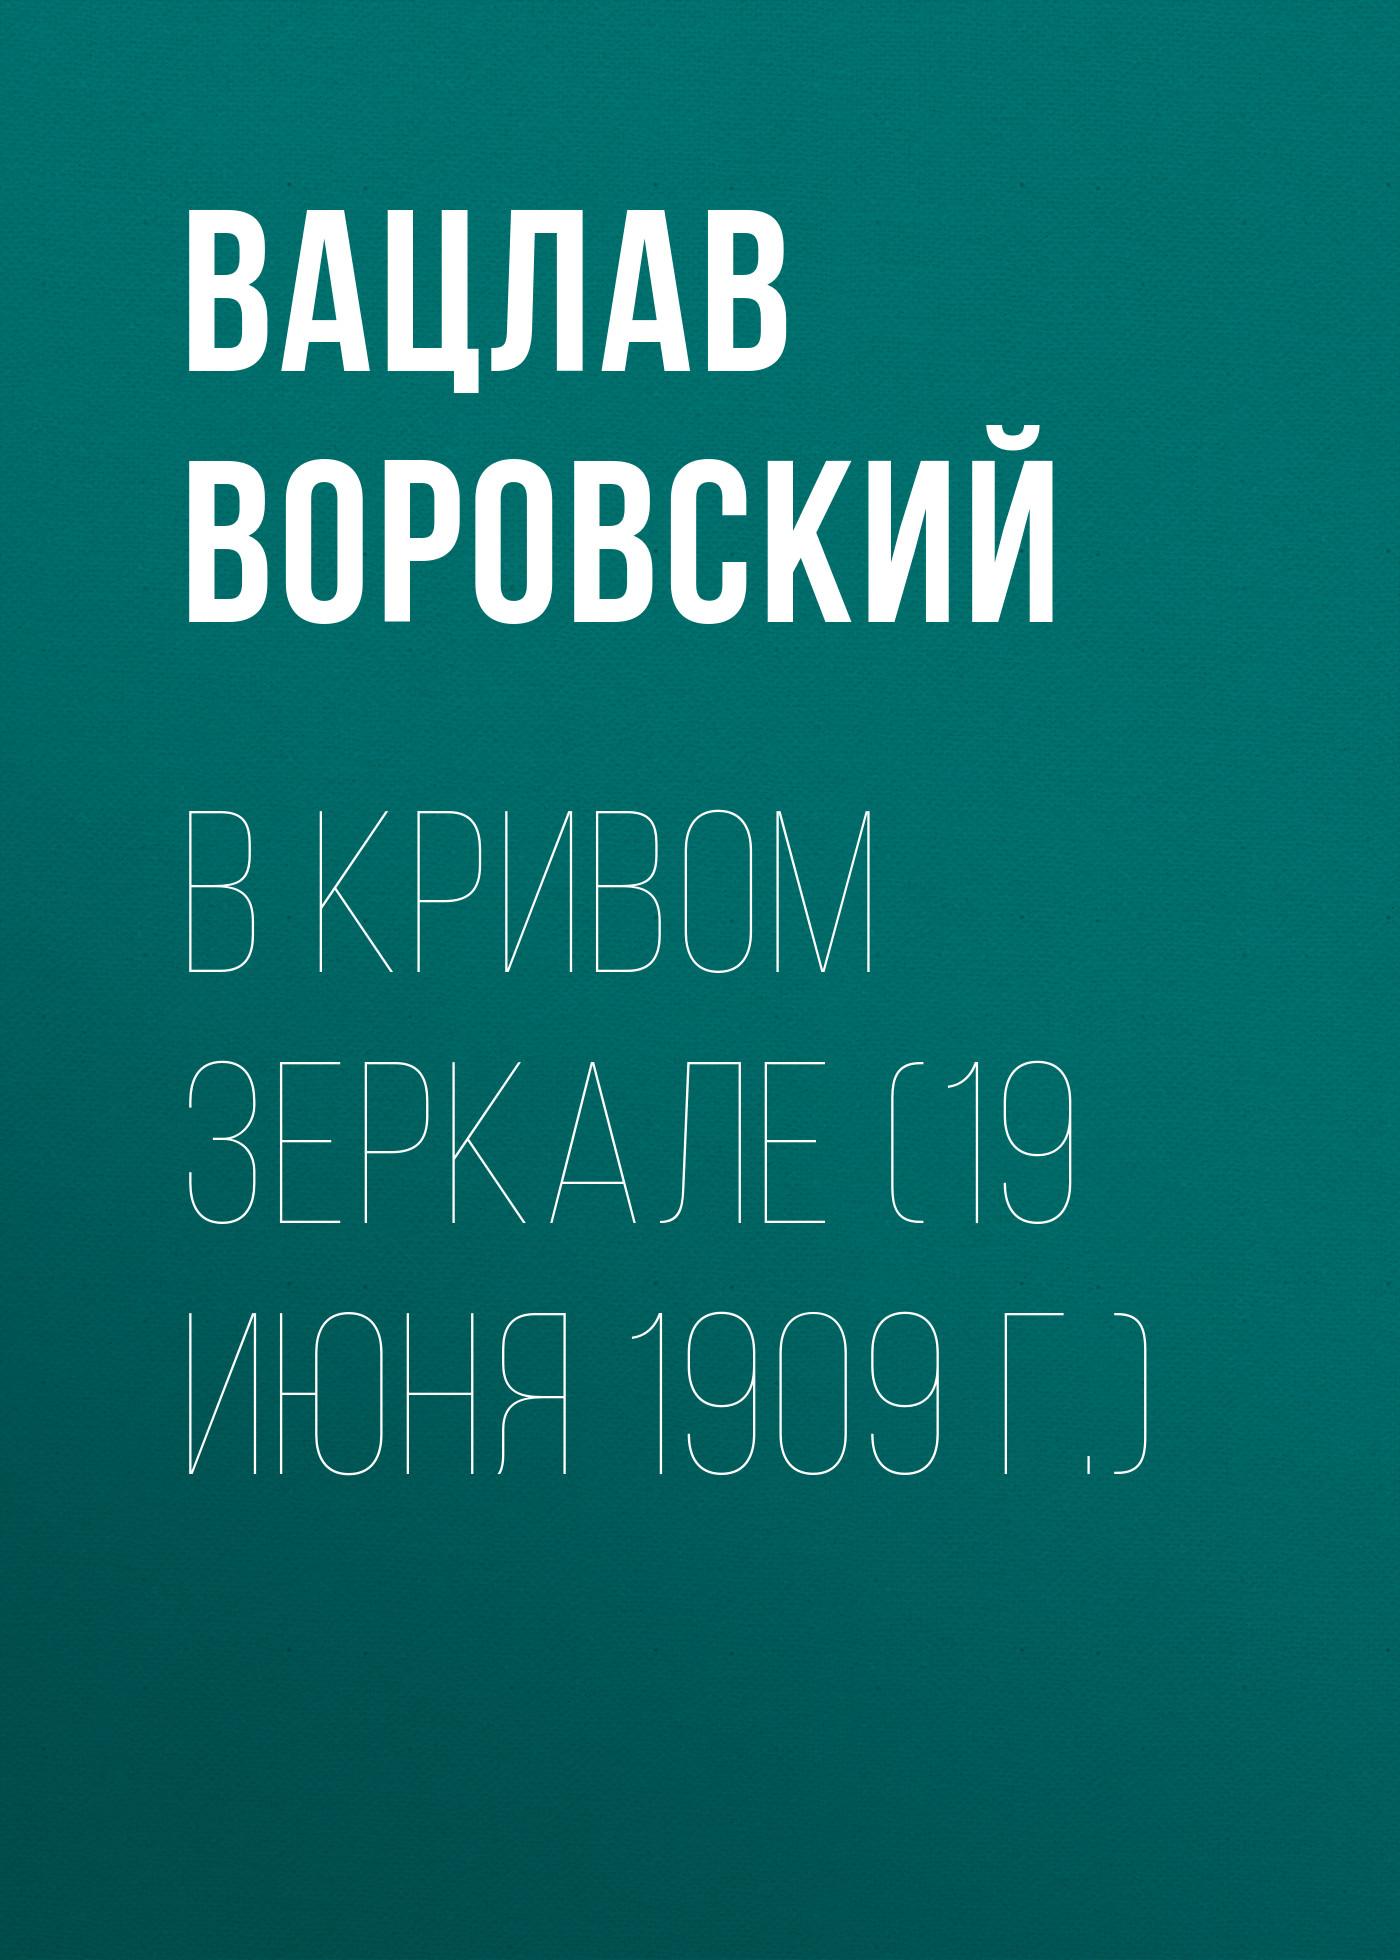 Вацлав Воровский В кривом зеркале (19 июня 1909 г.) вацлав воровский в кривом зеркале 17 января 1909 г